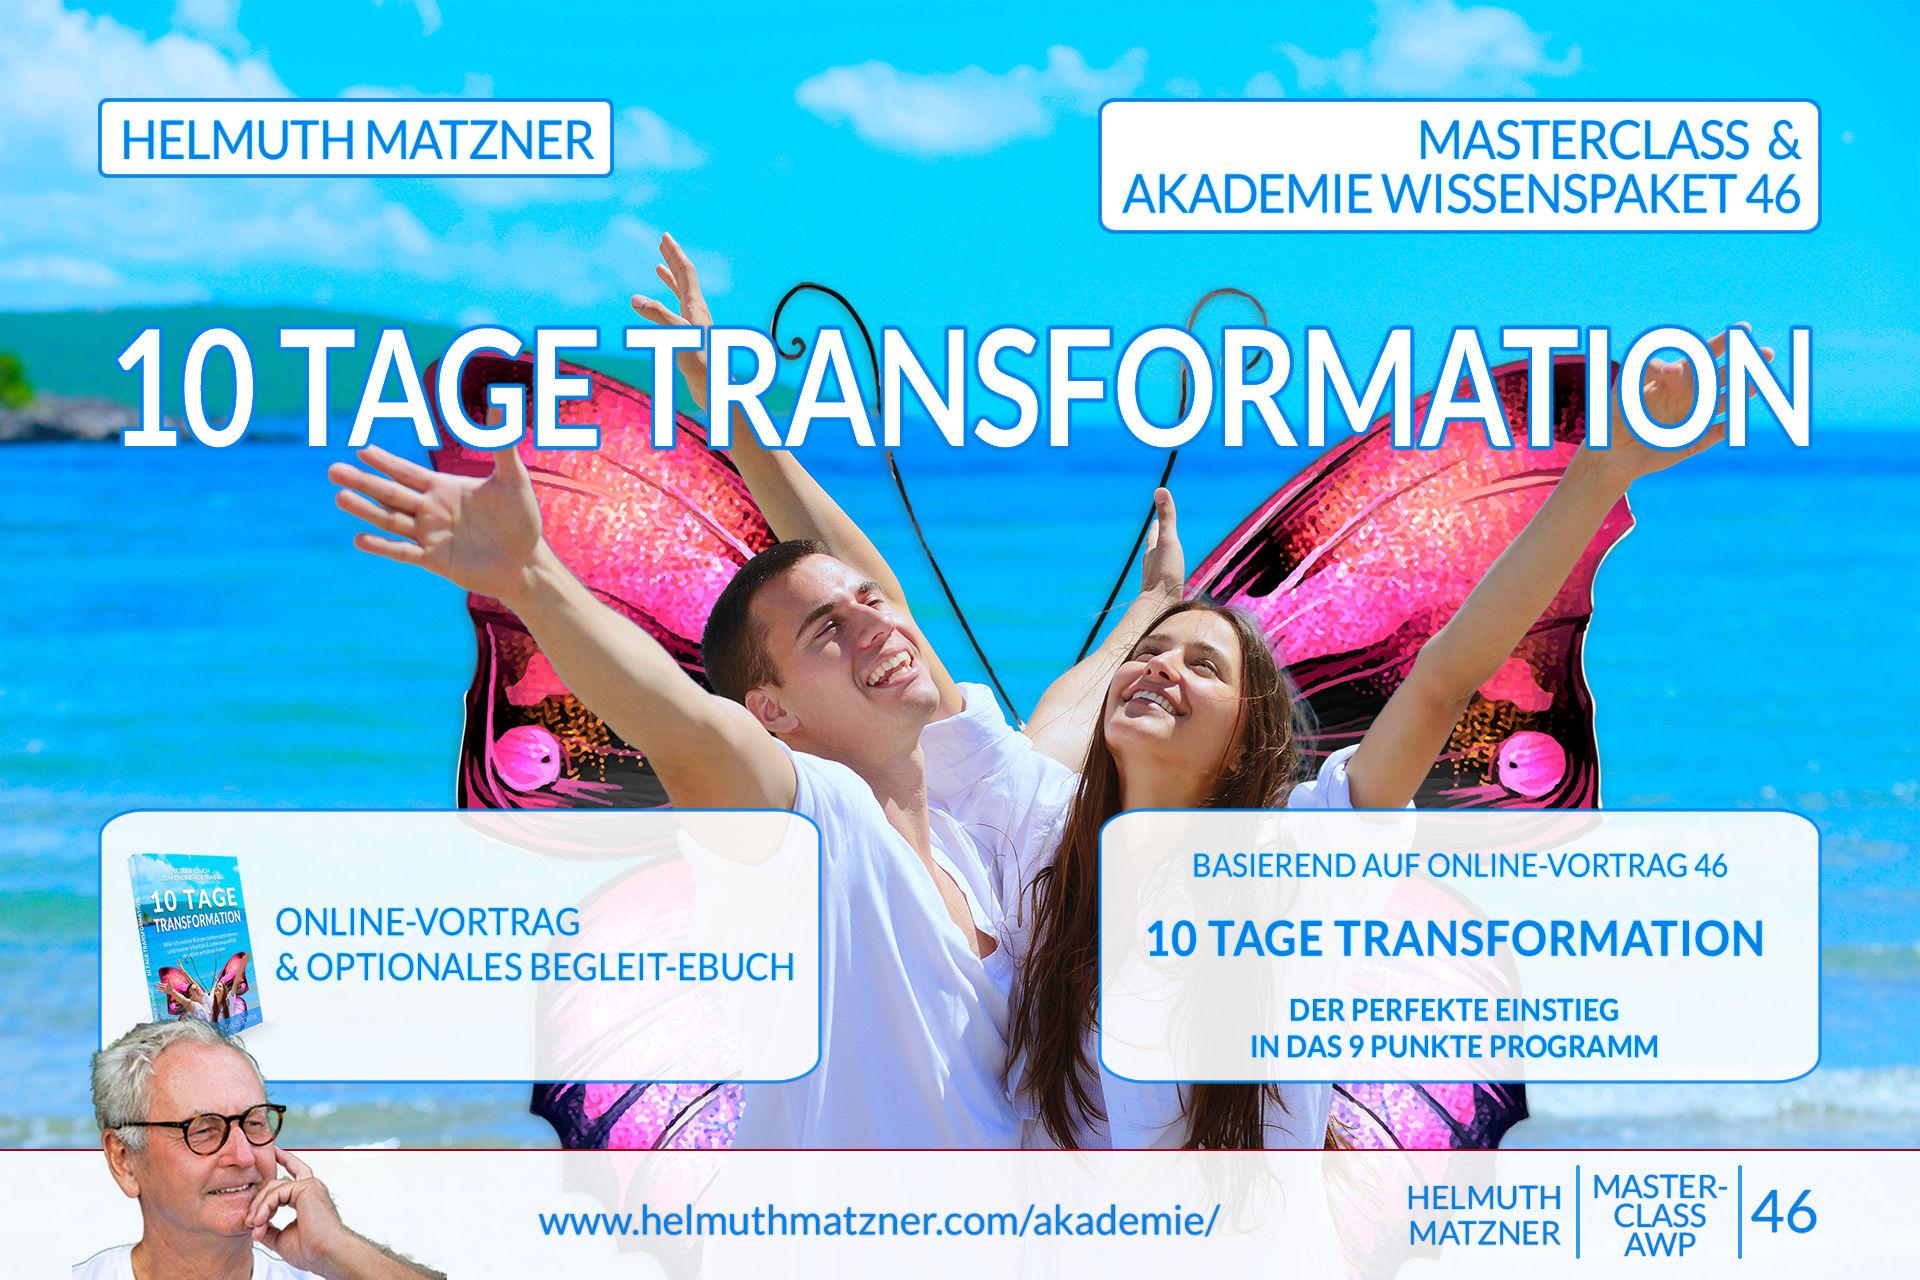 Helmuth Matzner - Masterclass & Akademie Wissenspaket 46 - 10 Tage Transformation - Akademie Banner v05B1